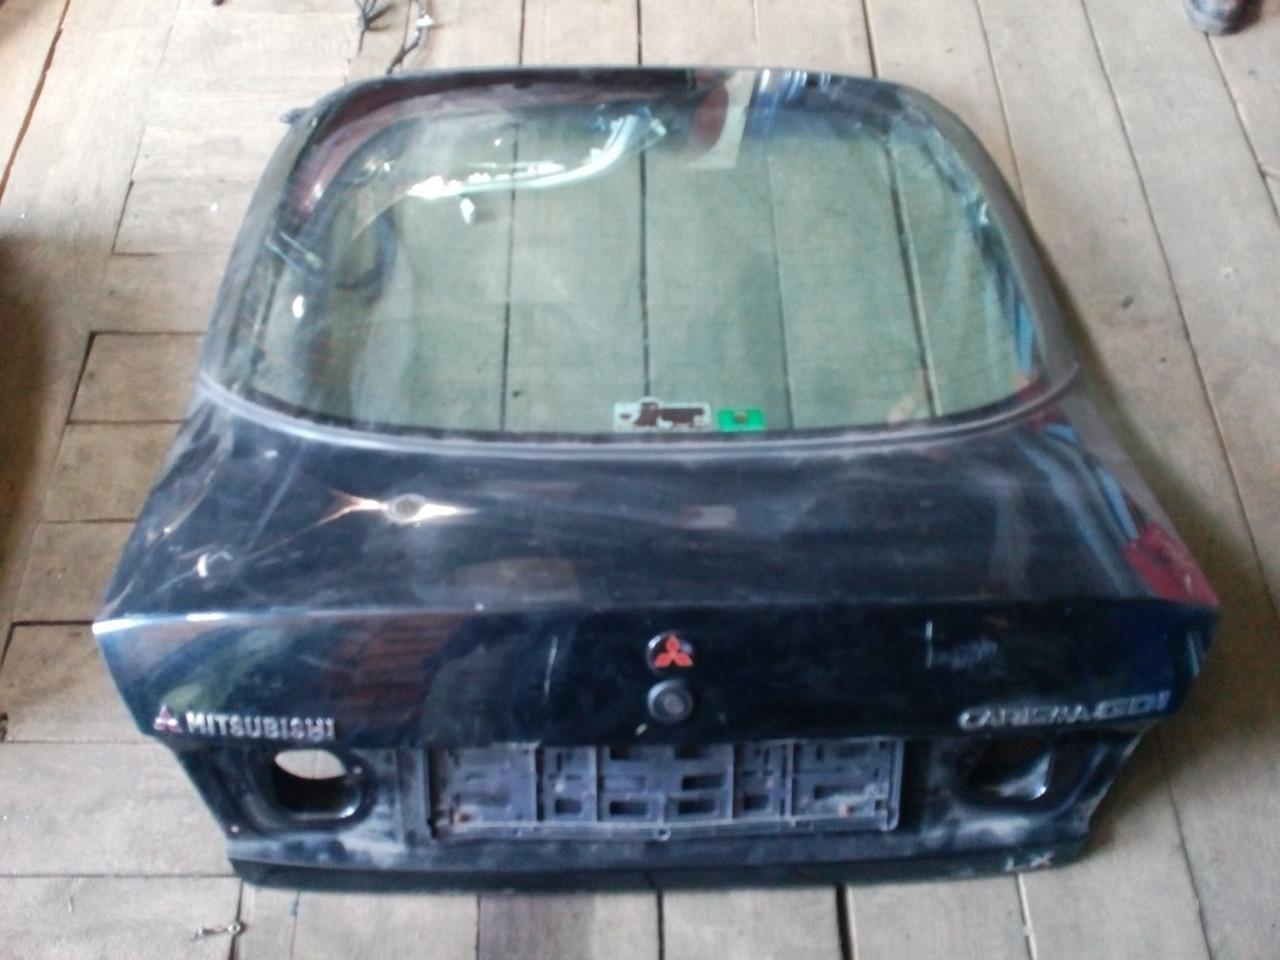 Mitsubishi Carisma 95-01 Крышка багажника для хэтчбека